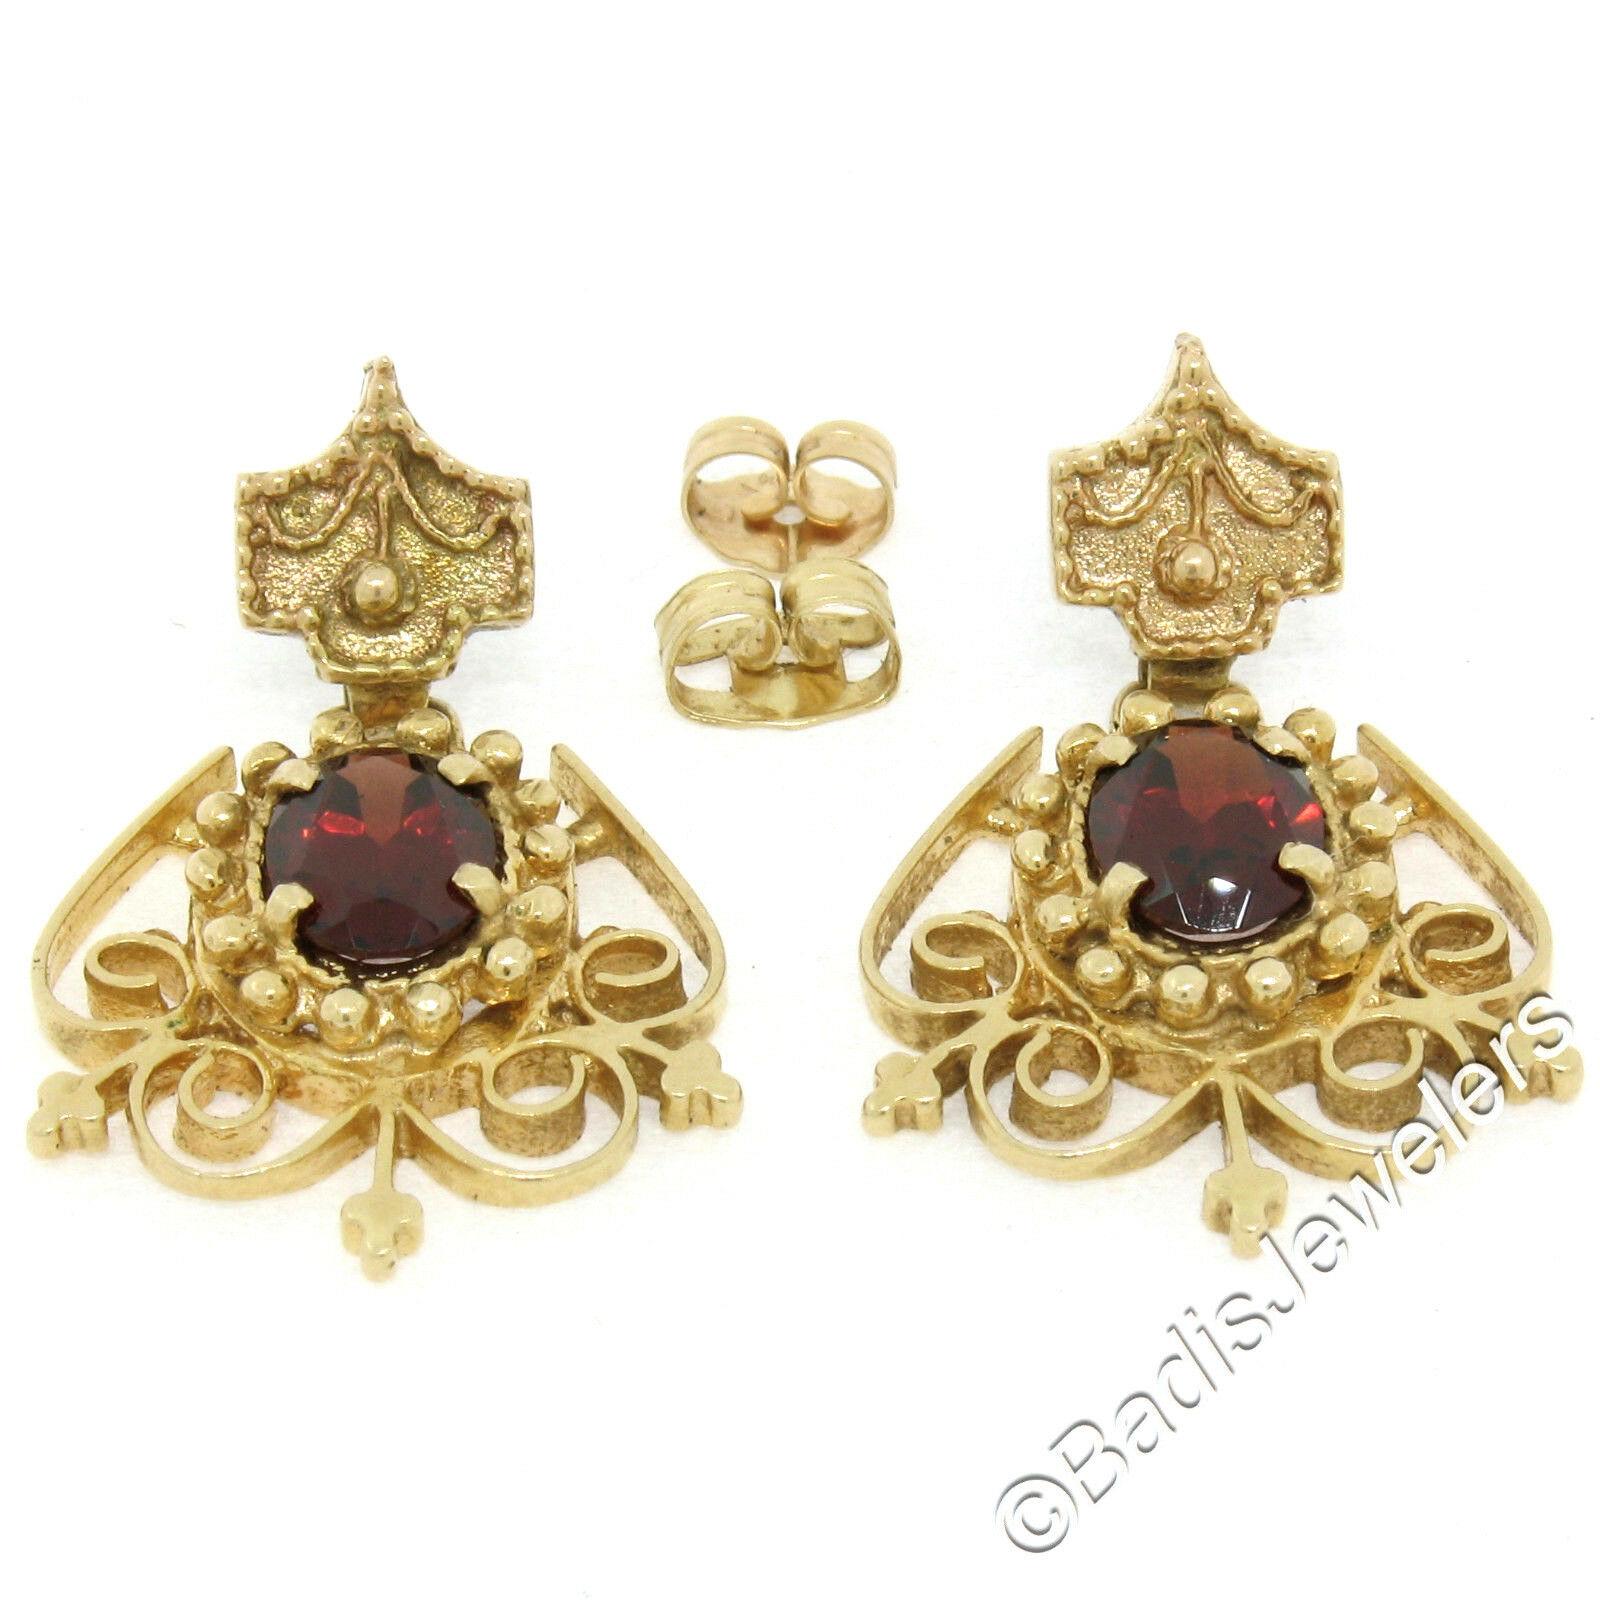 Vintage Victorian Revival 14K Yellow gold 2.8ct Oval Garnet Open Dangle Earrings